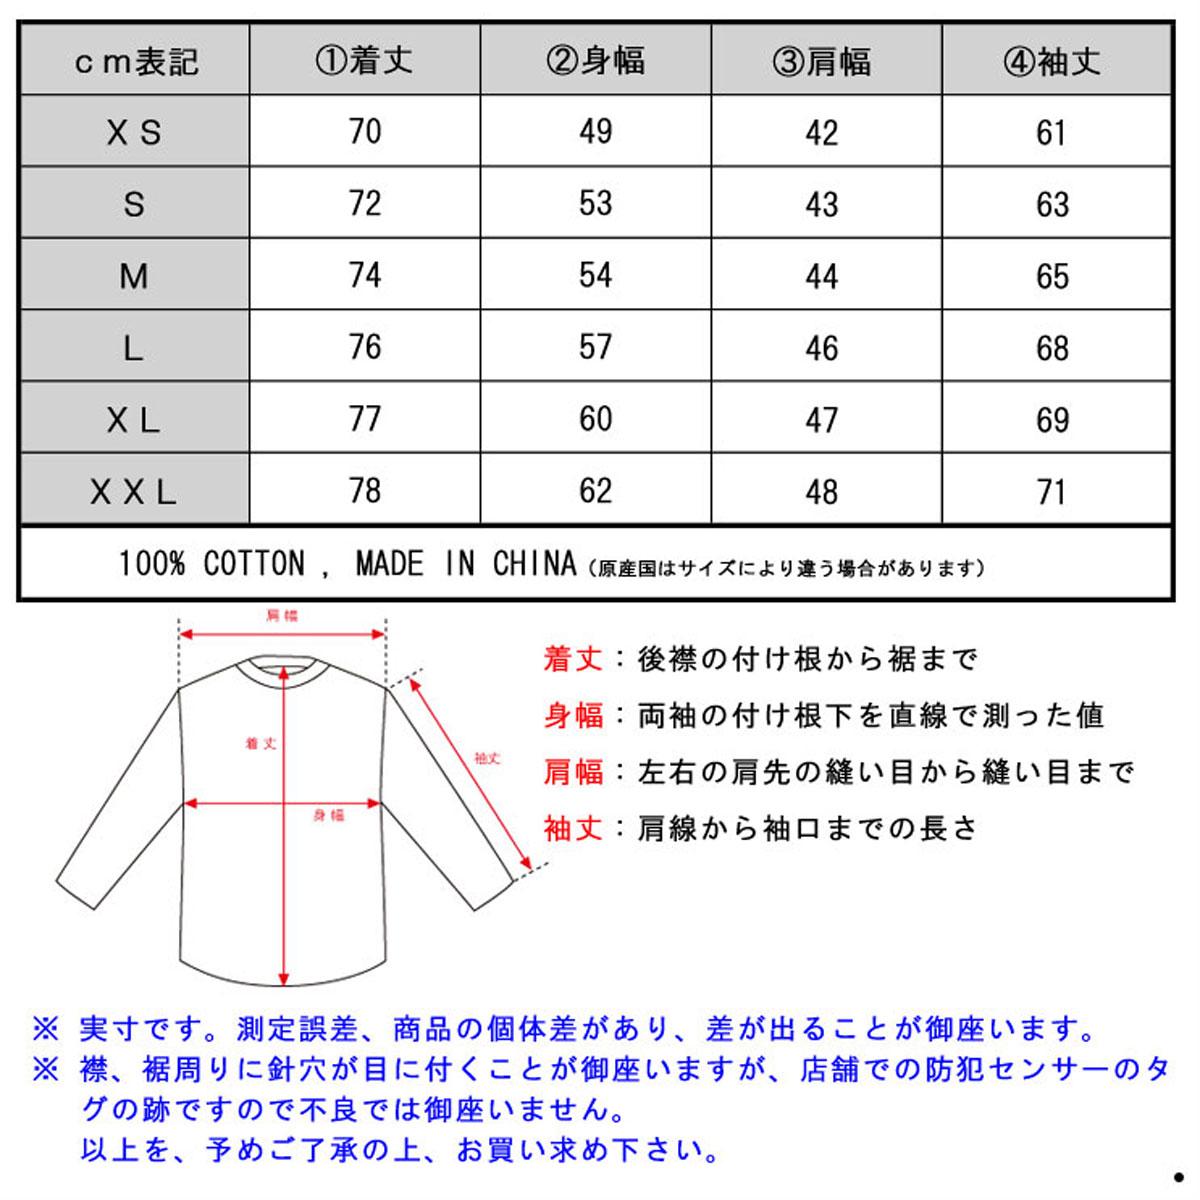 アバクロ Abercrombie&Fitch 正規品 メンズ 長袖シャツ Gingham Herringbone Button-Up Shirt 125-168-2354-138